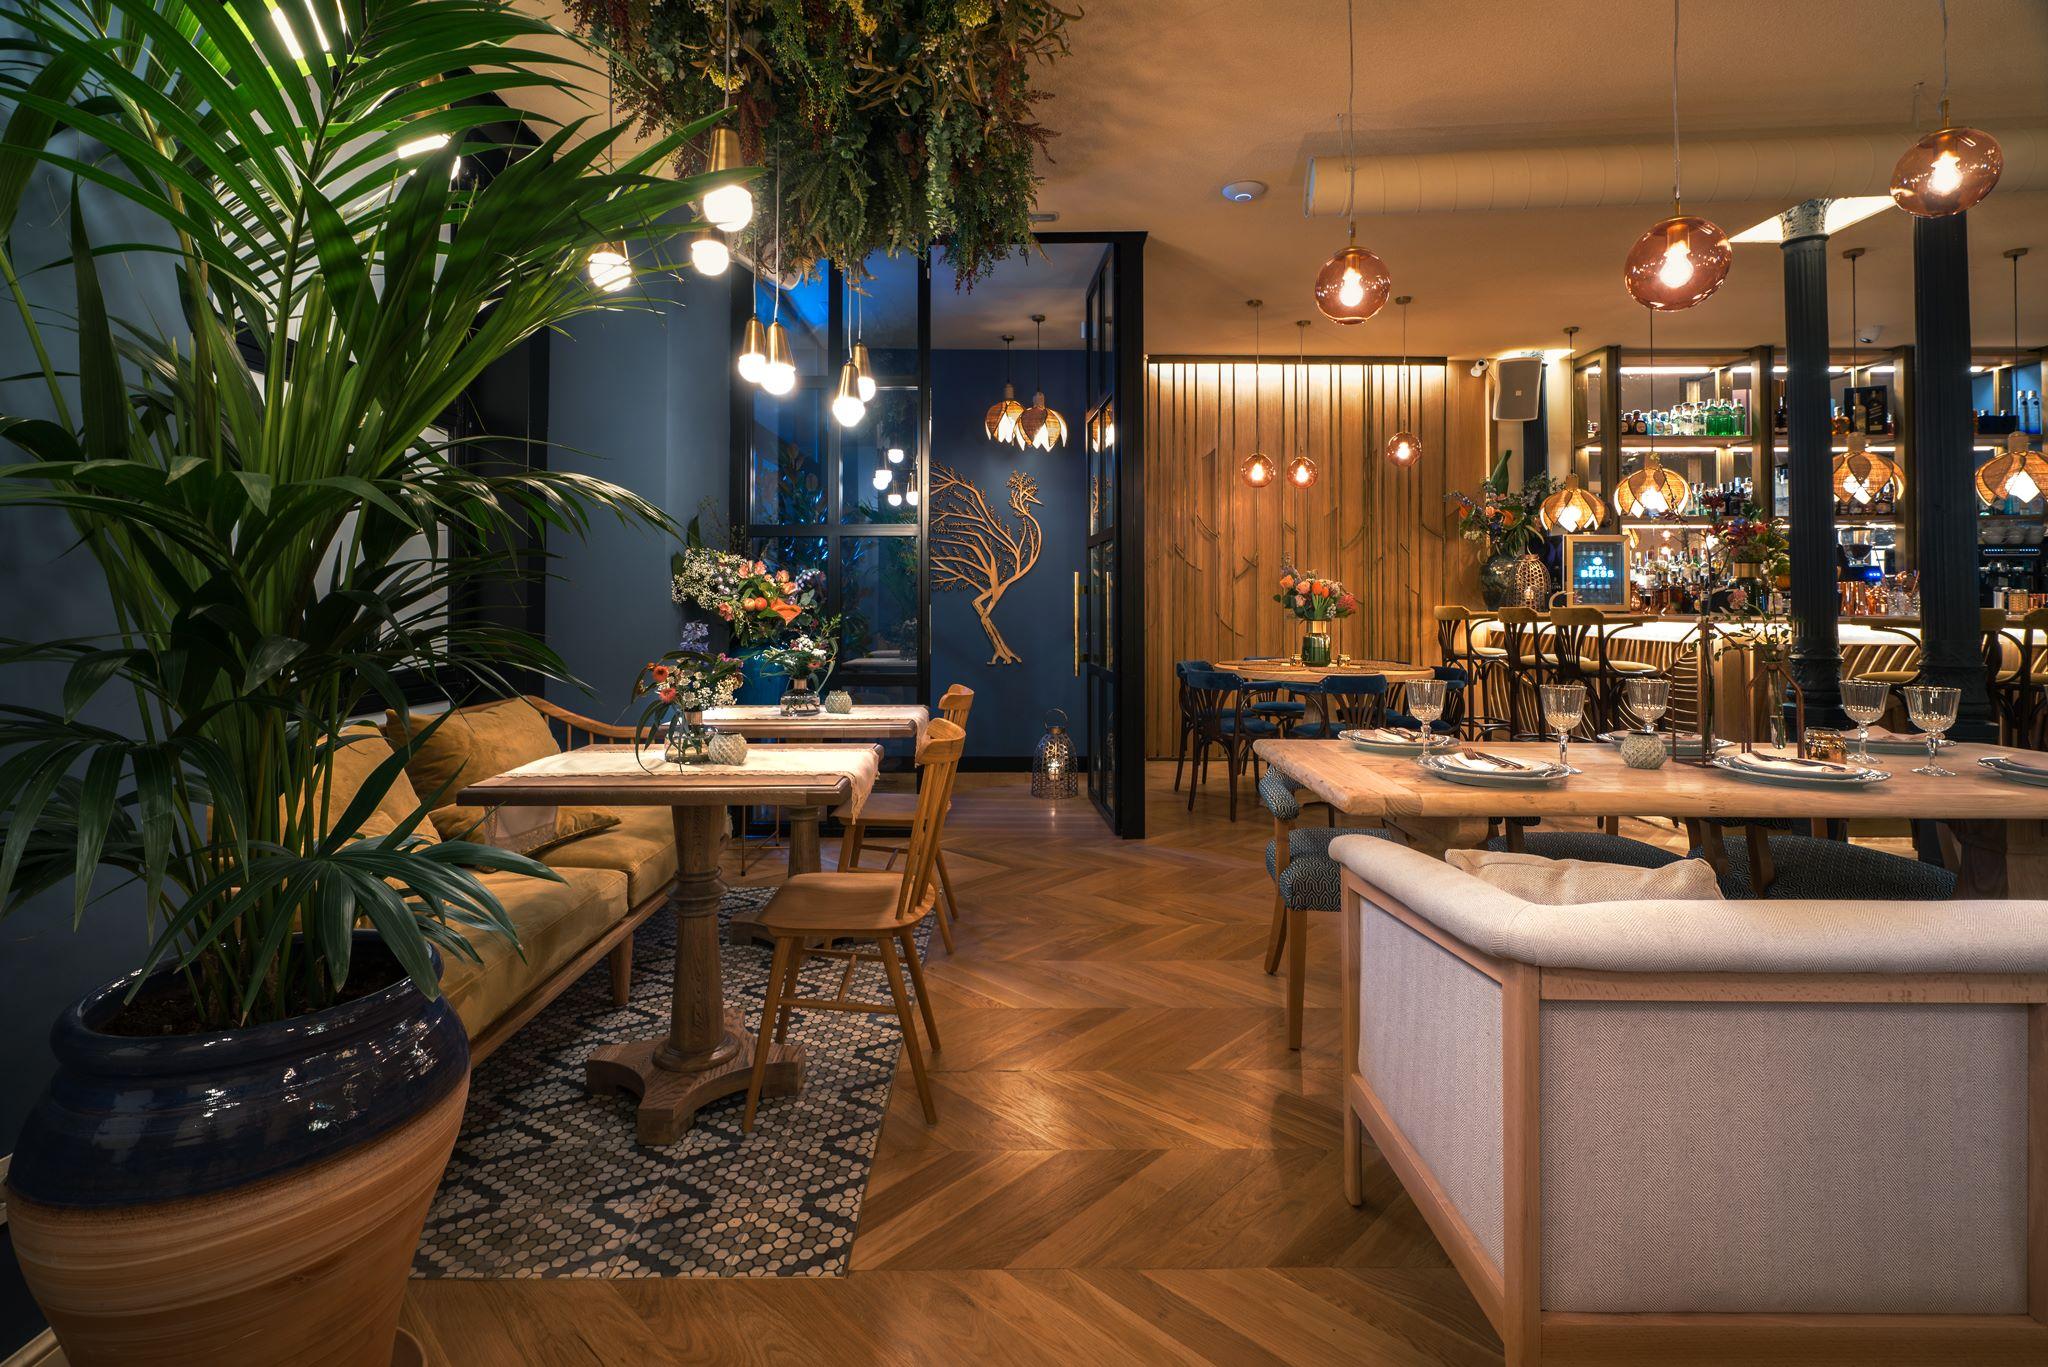 Proyecto restaurante rolenka bistro arsitek for Restaurante arquitectura